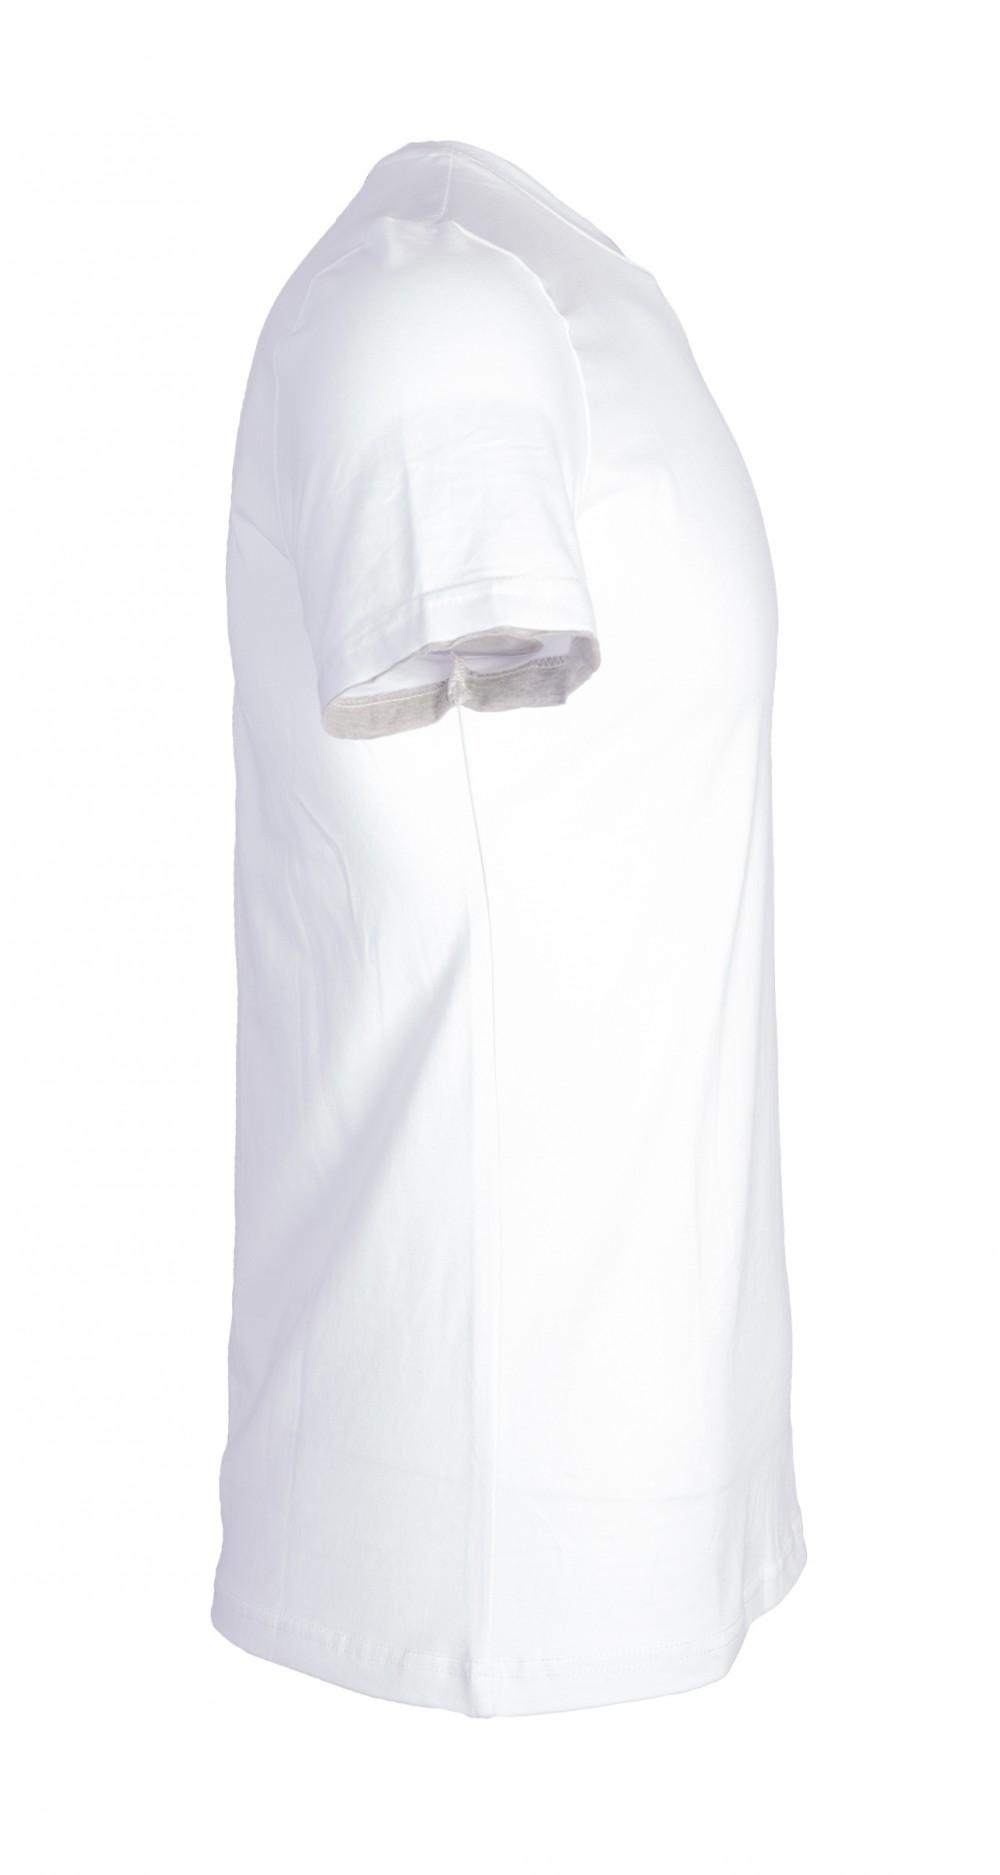 Áo thun trắng at761 - 2